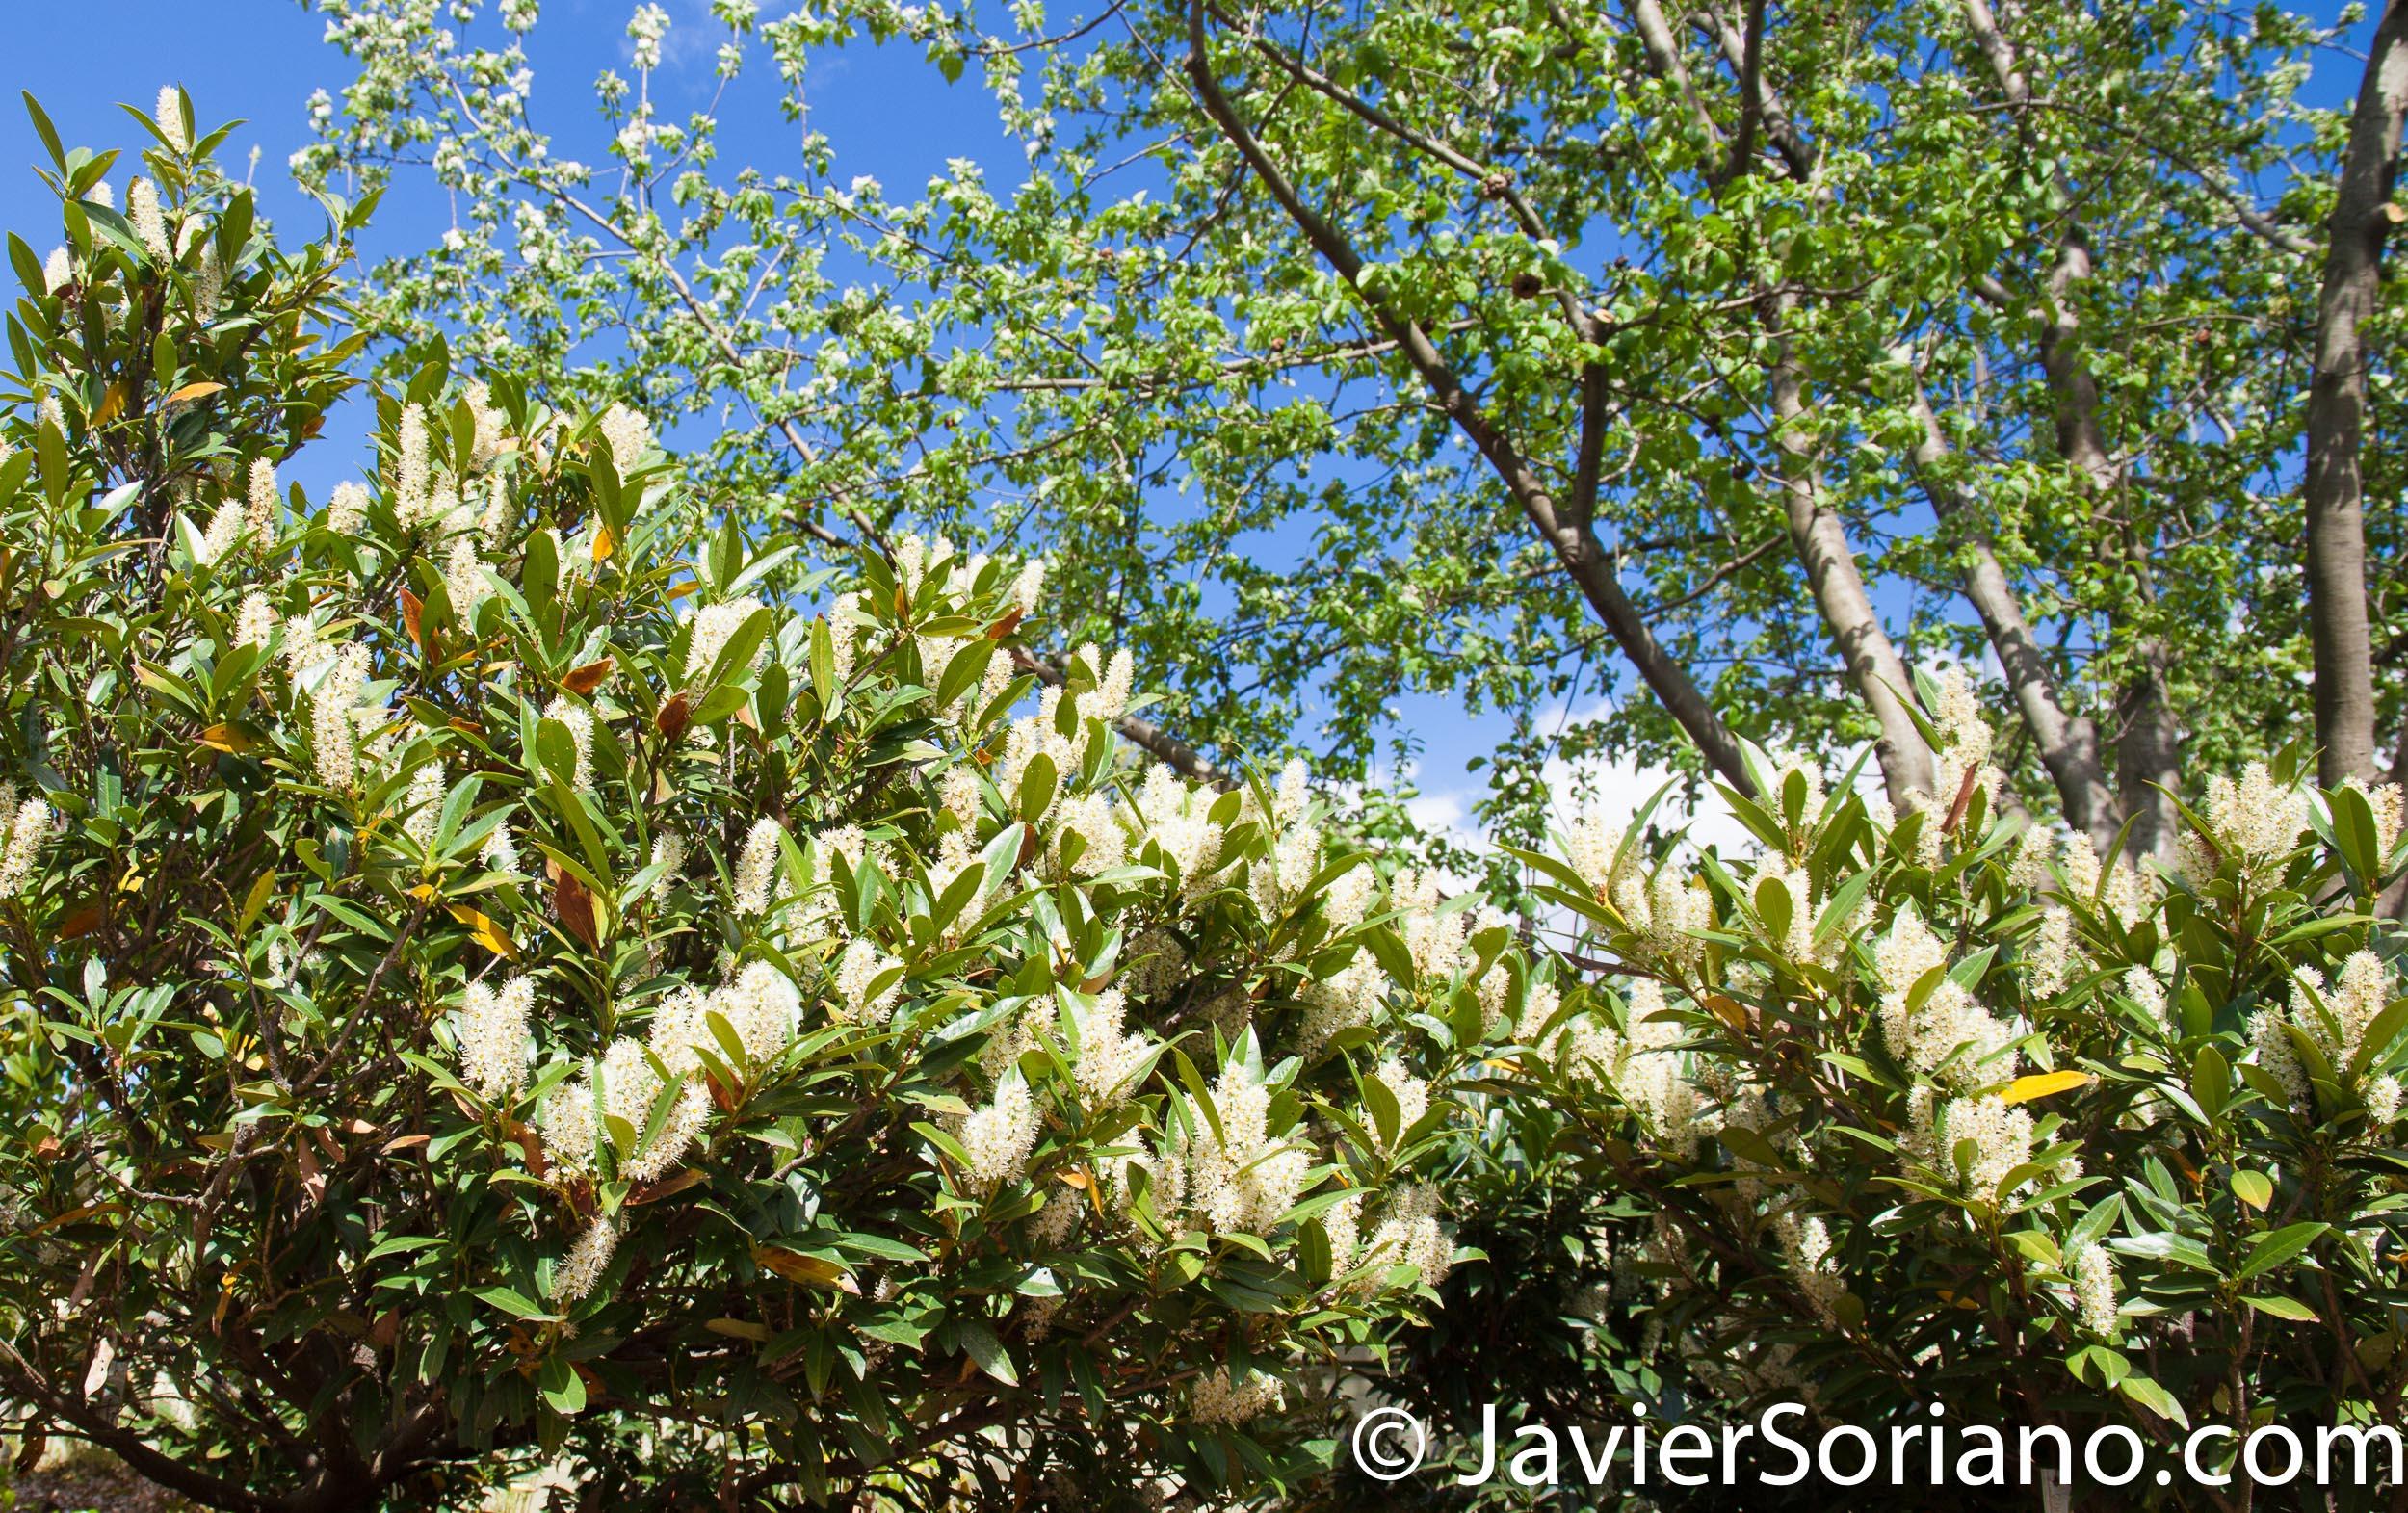 May 2, 2017 NYC - Brooklyn Botanic Garden/Jardín Botánico de Brooklyn. Photo by Javier Soriano/www.JavierSoriano.com